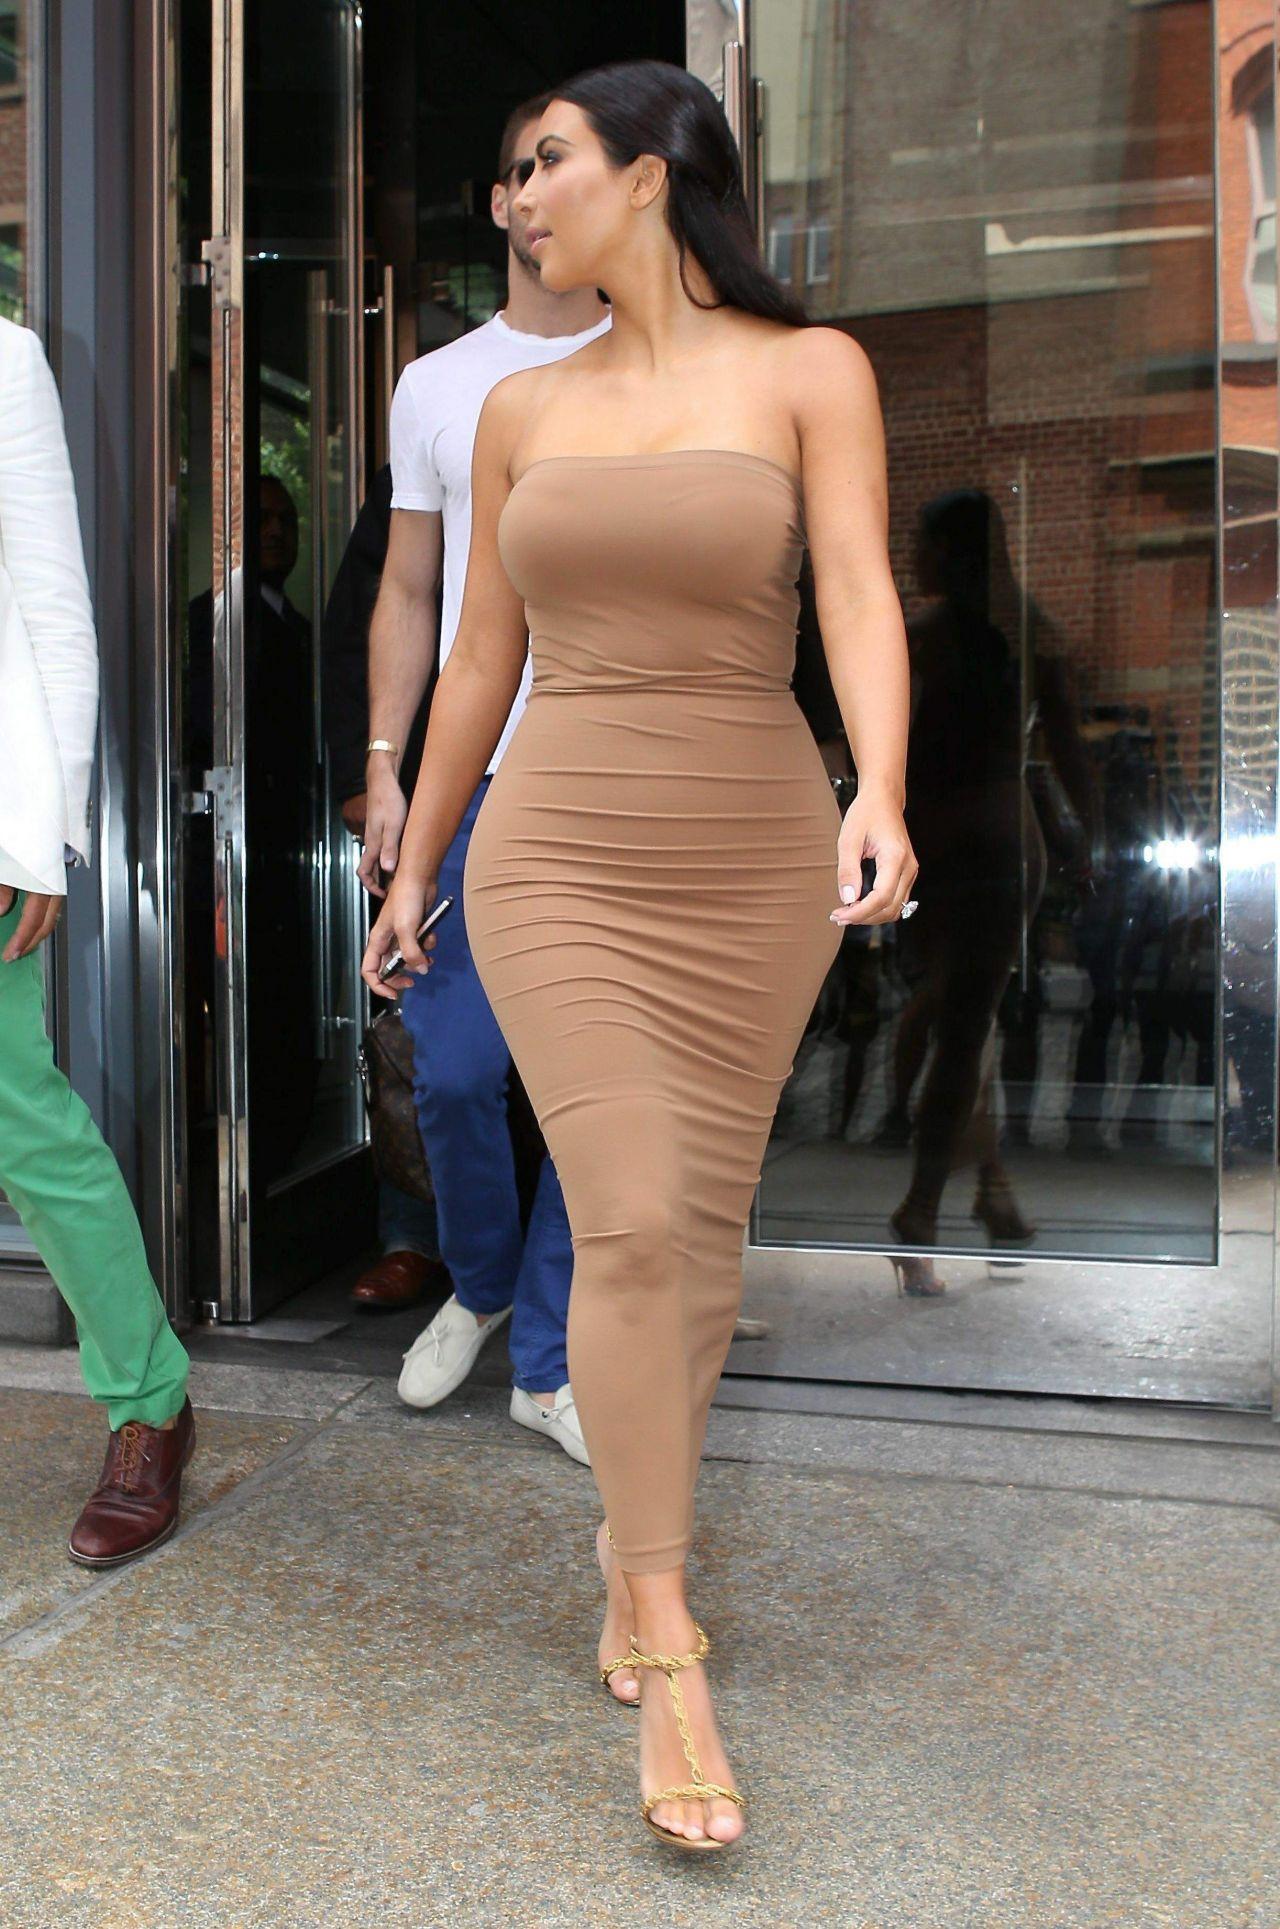 That kim kardashian tight dress can